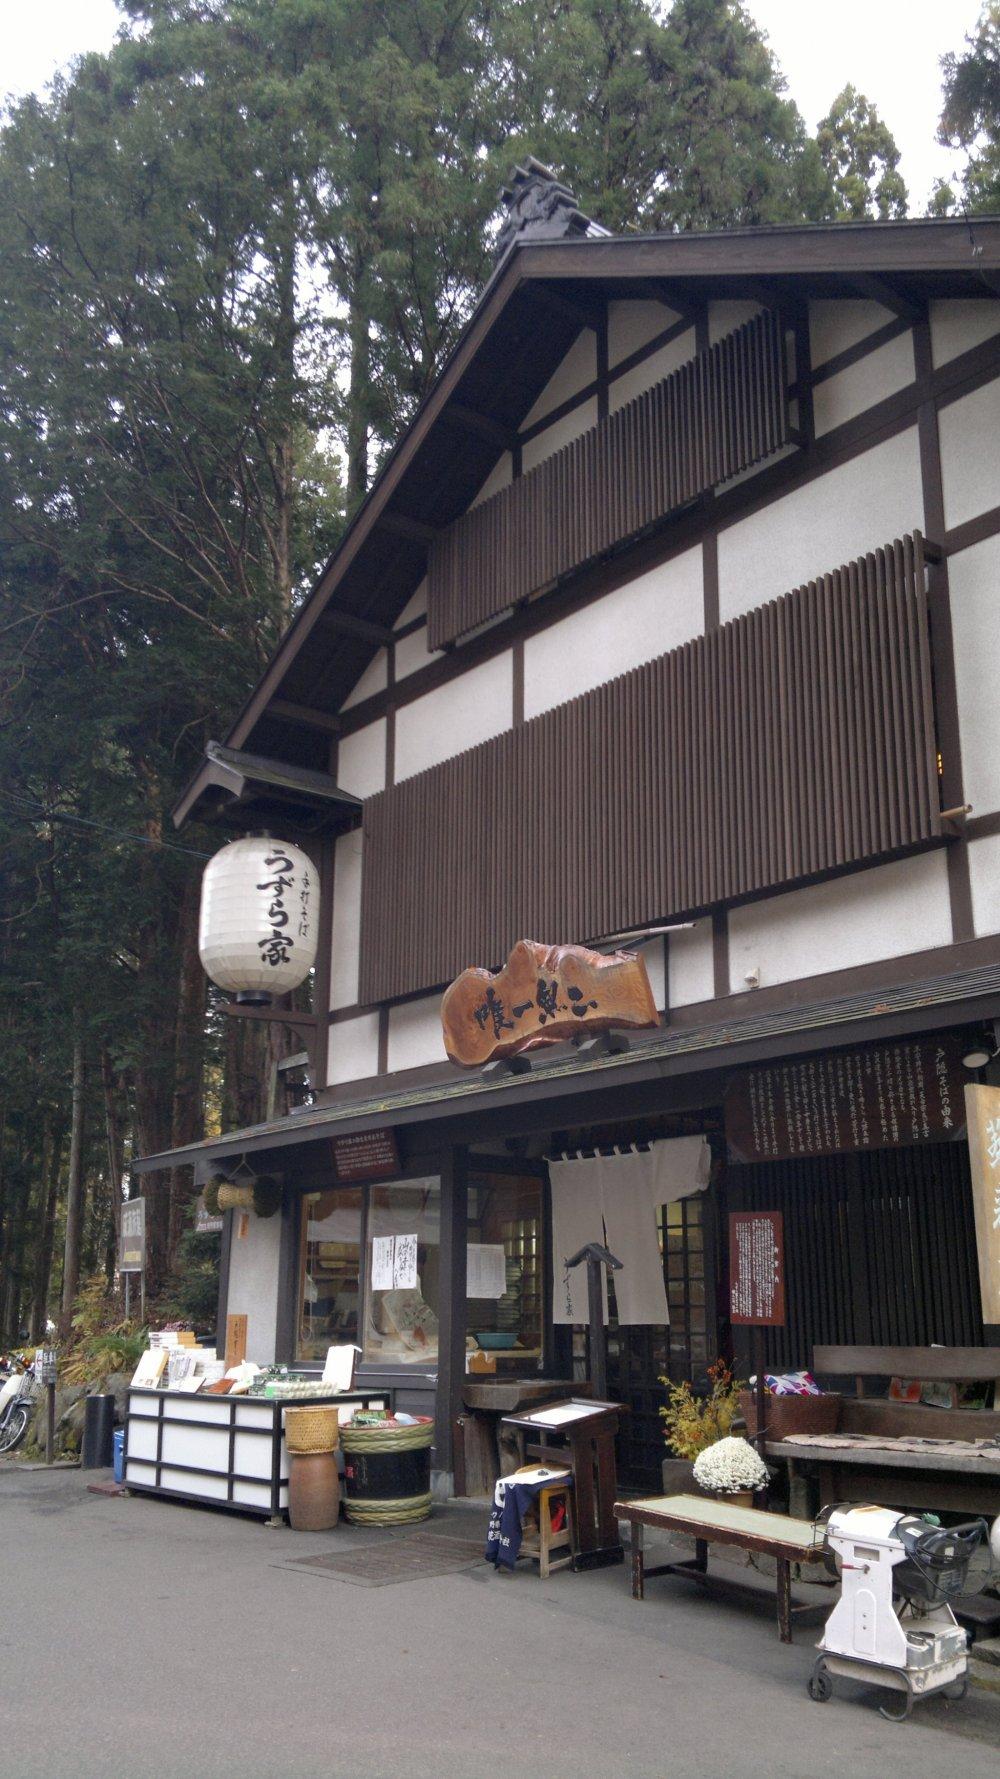 Nhà hàng mang lại cho bạn cảm giác tĩnh lặng cùng với kiến trúc Nhật Bản truyền thống